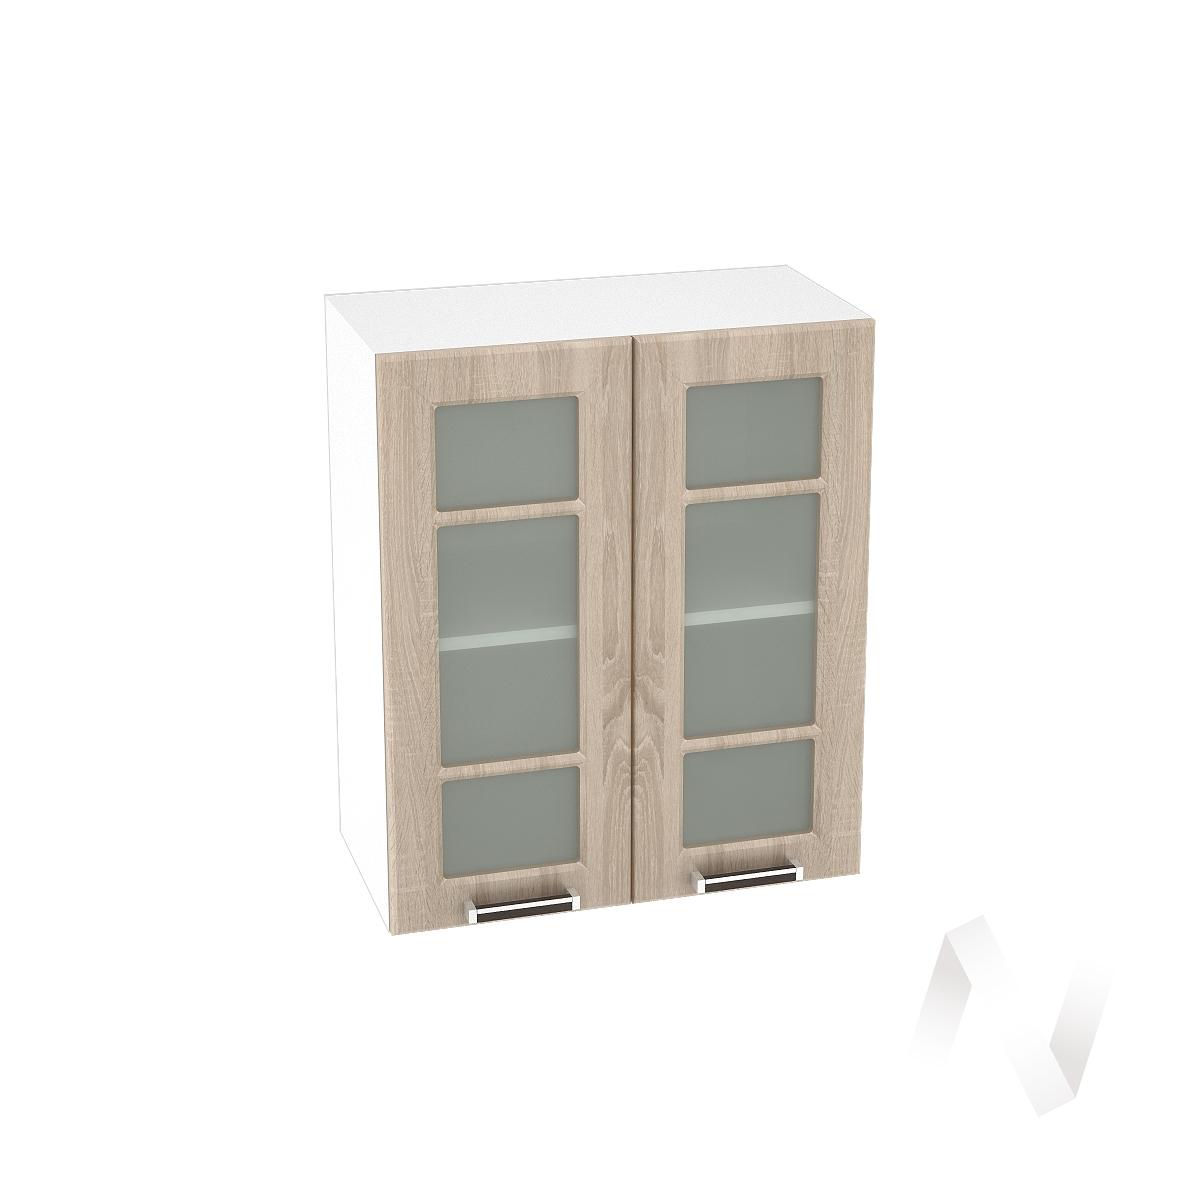 """Купить кухня """"прага"""": шкаф верхний со стеклом 600, швс 600 (дуб сонома/корпус белый) в Новосибирске в интернет-магазине Мебель плюс Техника"""